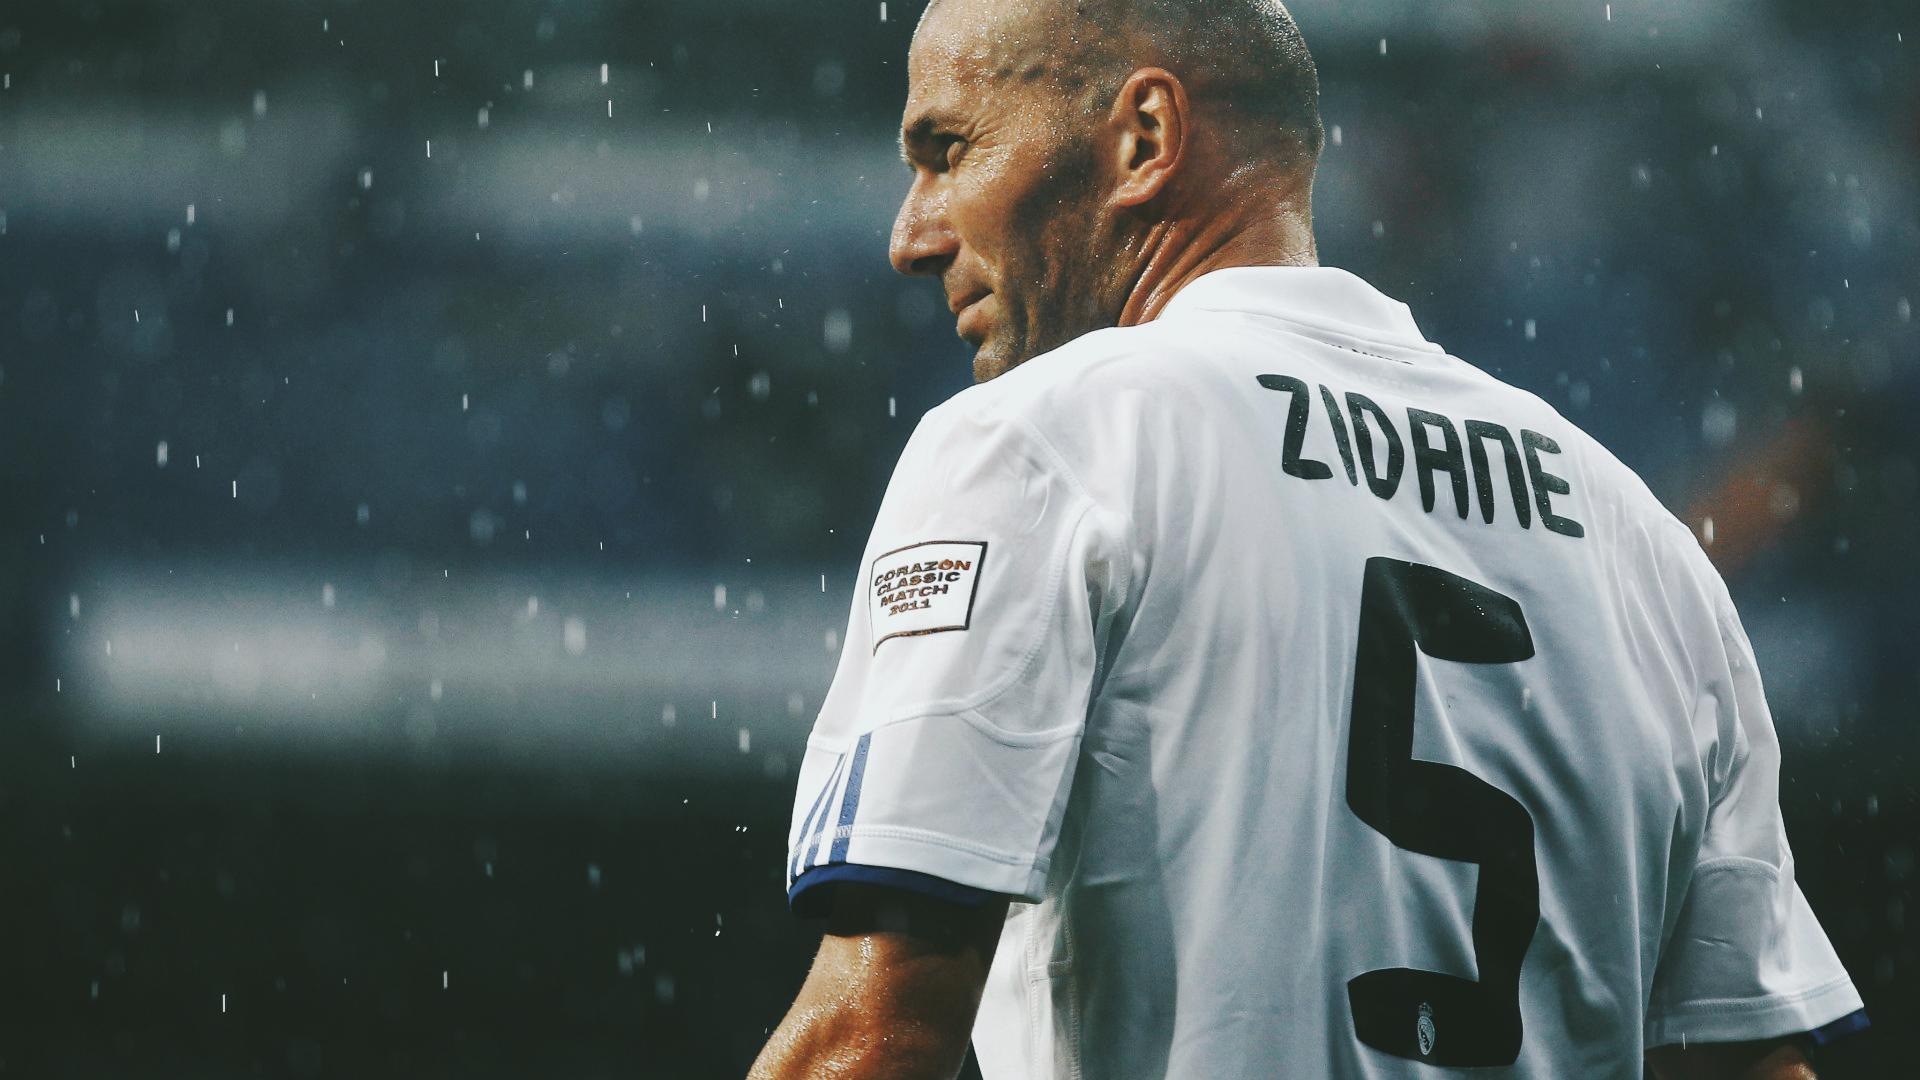 Cú volley để đời của Zidane trong trận chung kết Champions League 2002 trước Bayer Leverkusen